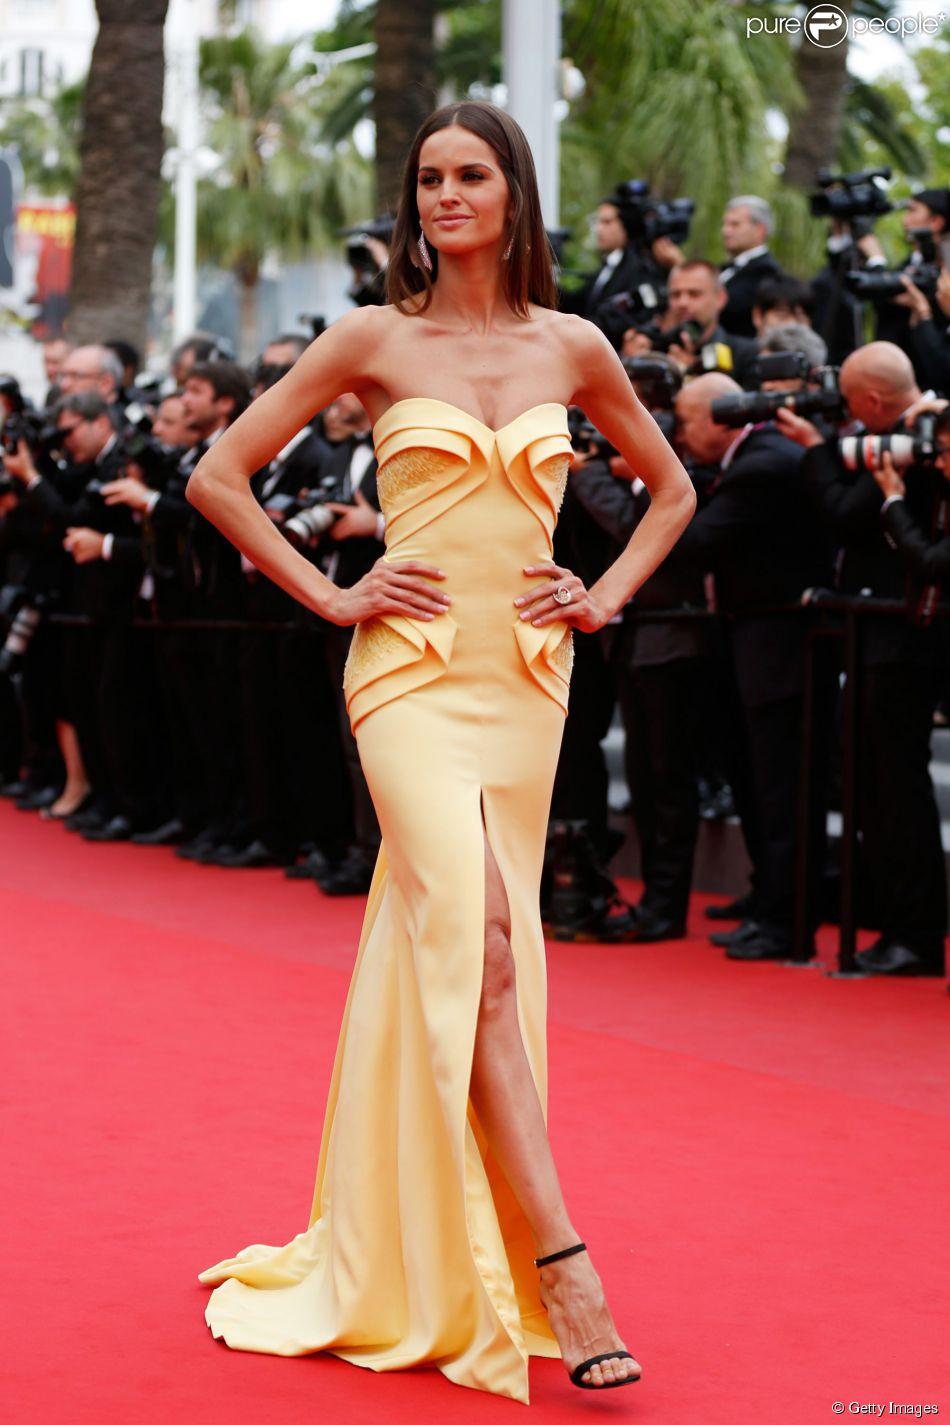 Uma das famosas que apostou na fenda em seus looks para o Festival de Cannes 2015 foi Izabel Goulart, na première do filme 'La Glace et le Ciel', no encerramento do festival